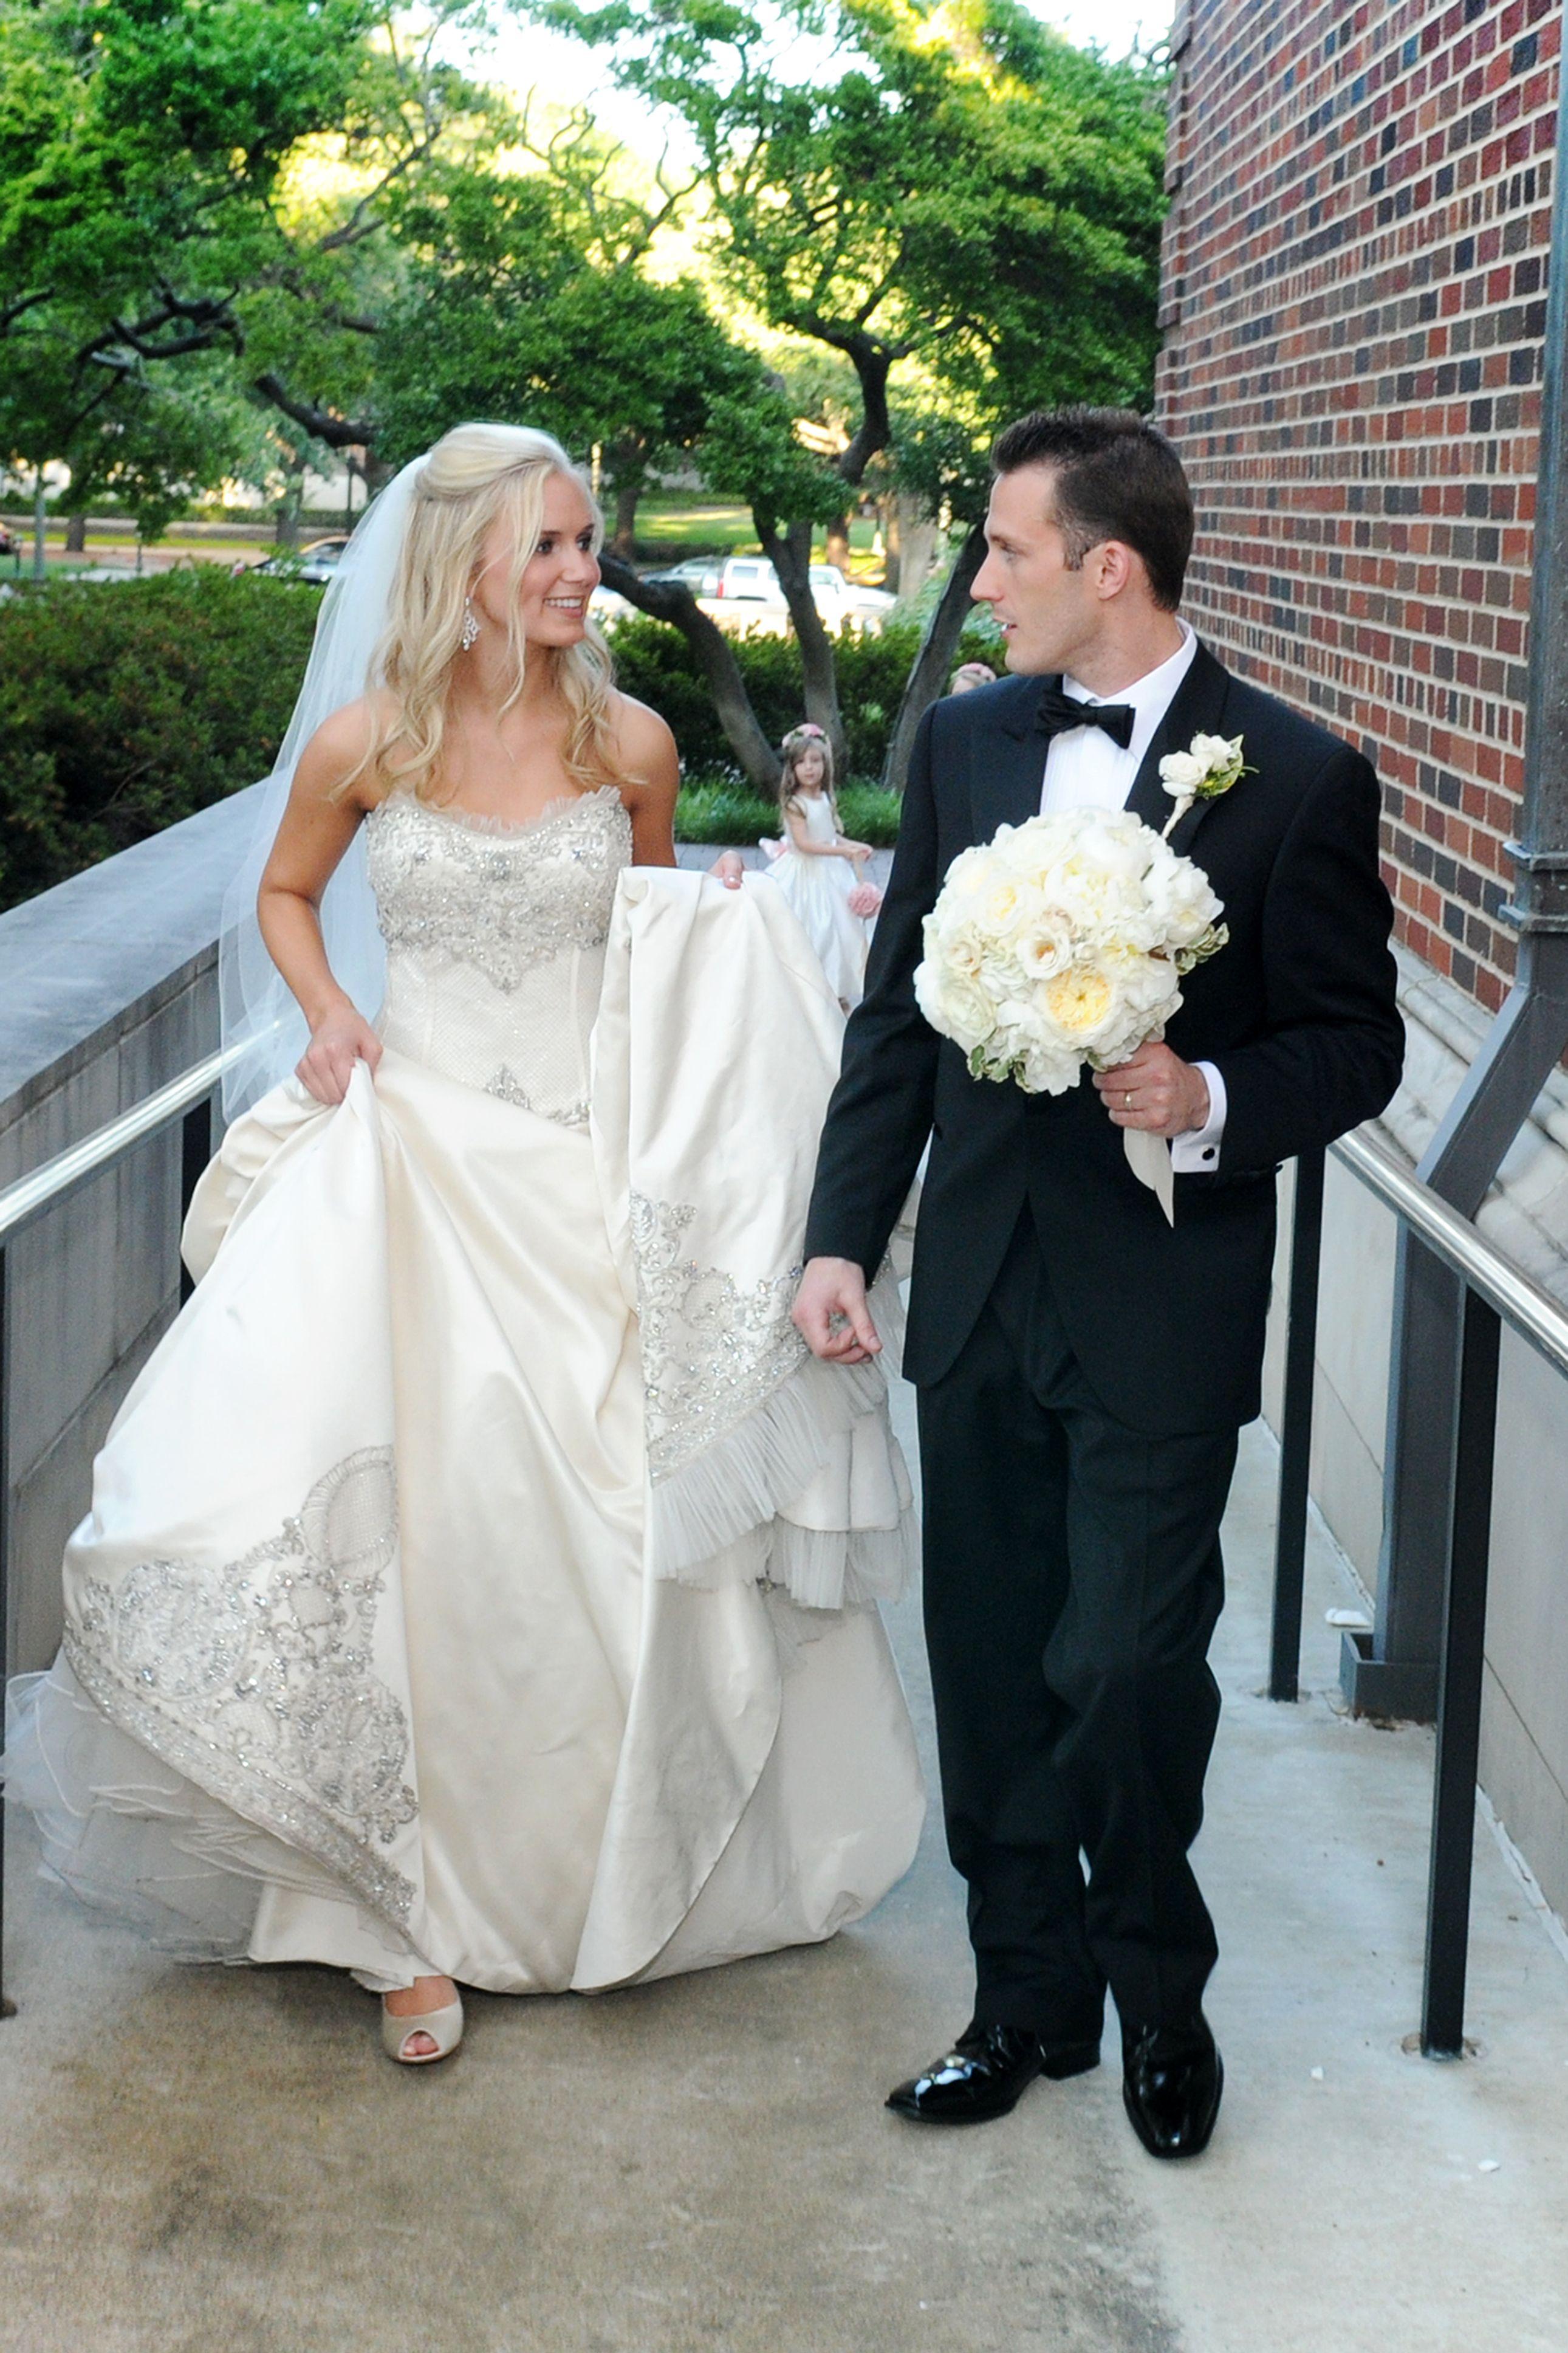 Priscilla of boston wedding dress  Priscilla of Boston dress Black Tux and bowtie  Pink and Gold